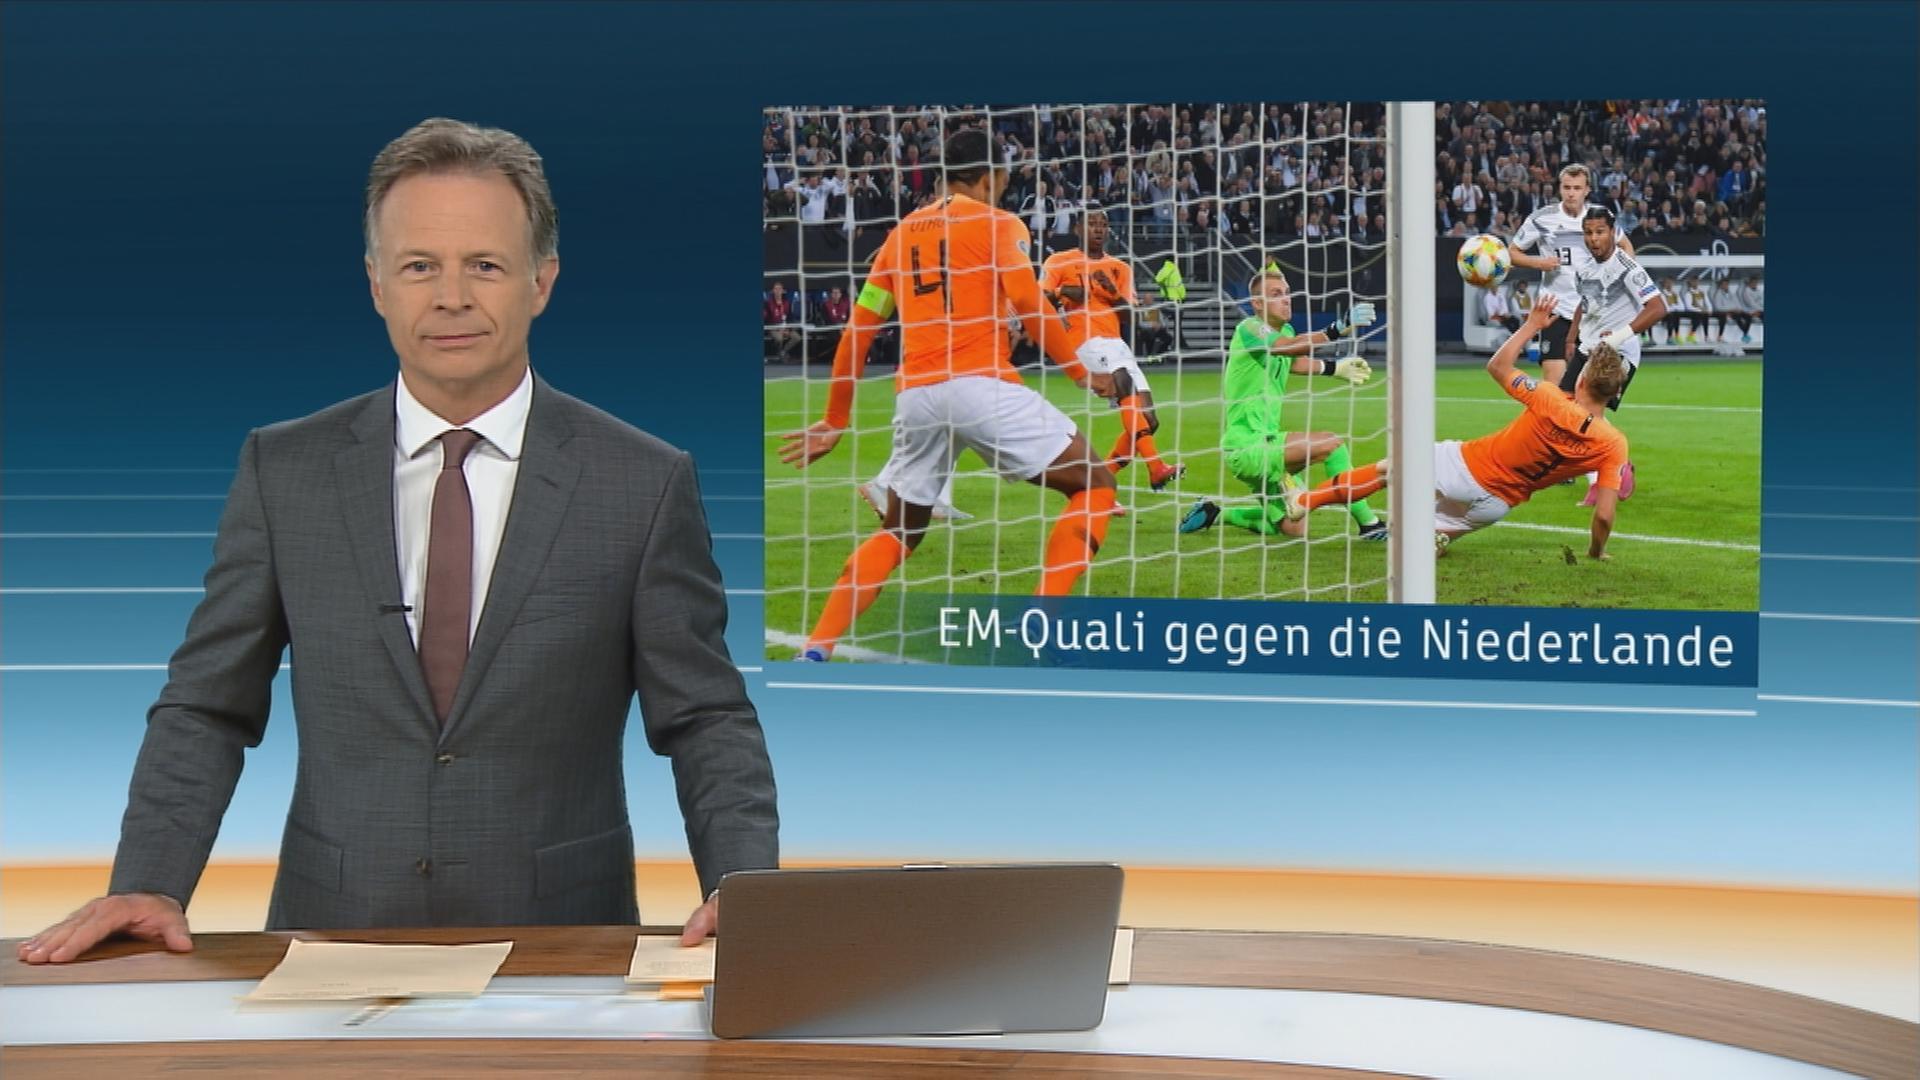 Dfb Team Verliert Gegen Die Niederlande